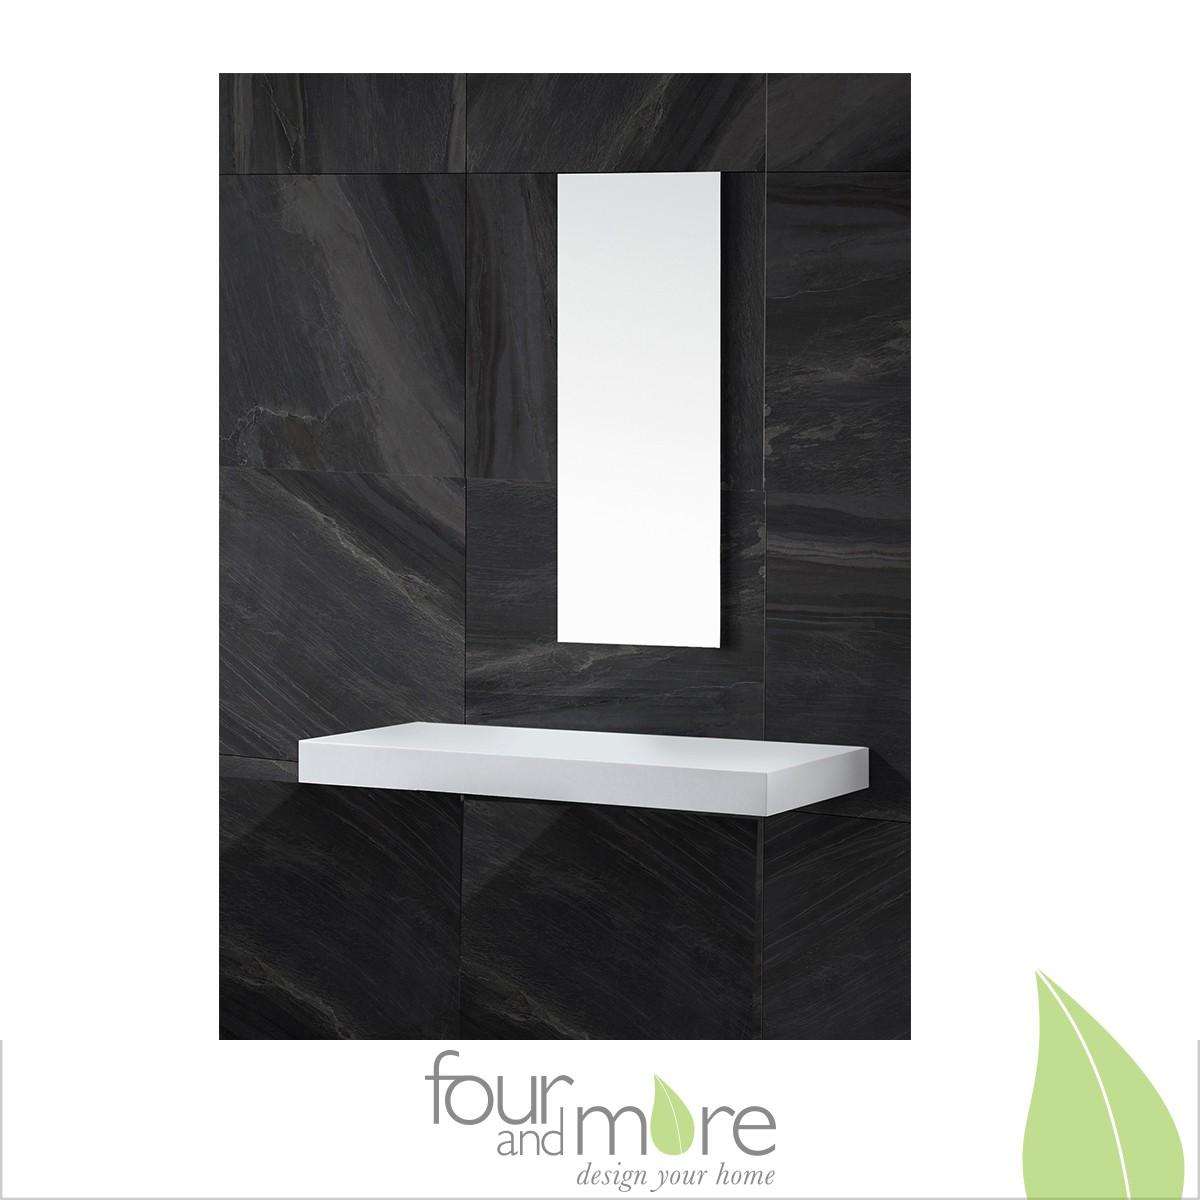 waschtischkonsole f r aufsatzwaschbecken waschtischplatte aus mineralguss 100cm. Black Bedroom Furniture Sets. Home Design Ideas